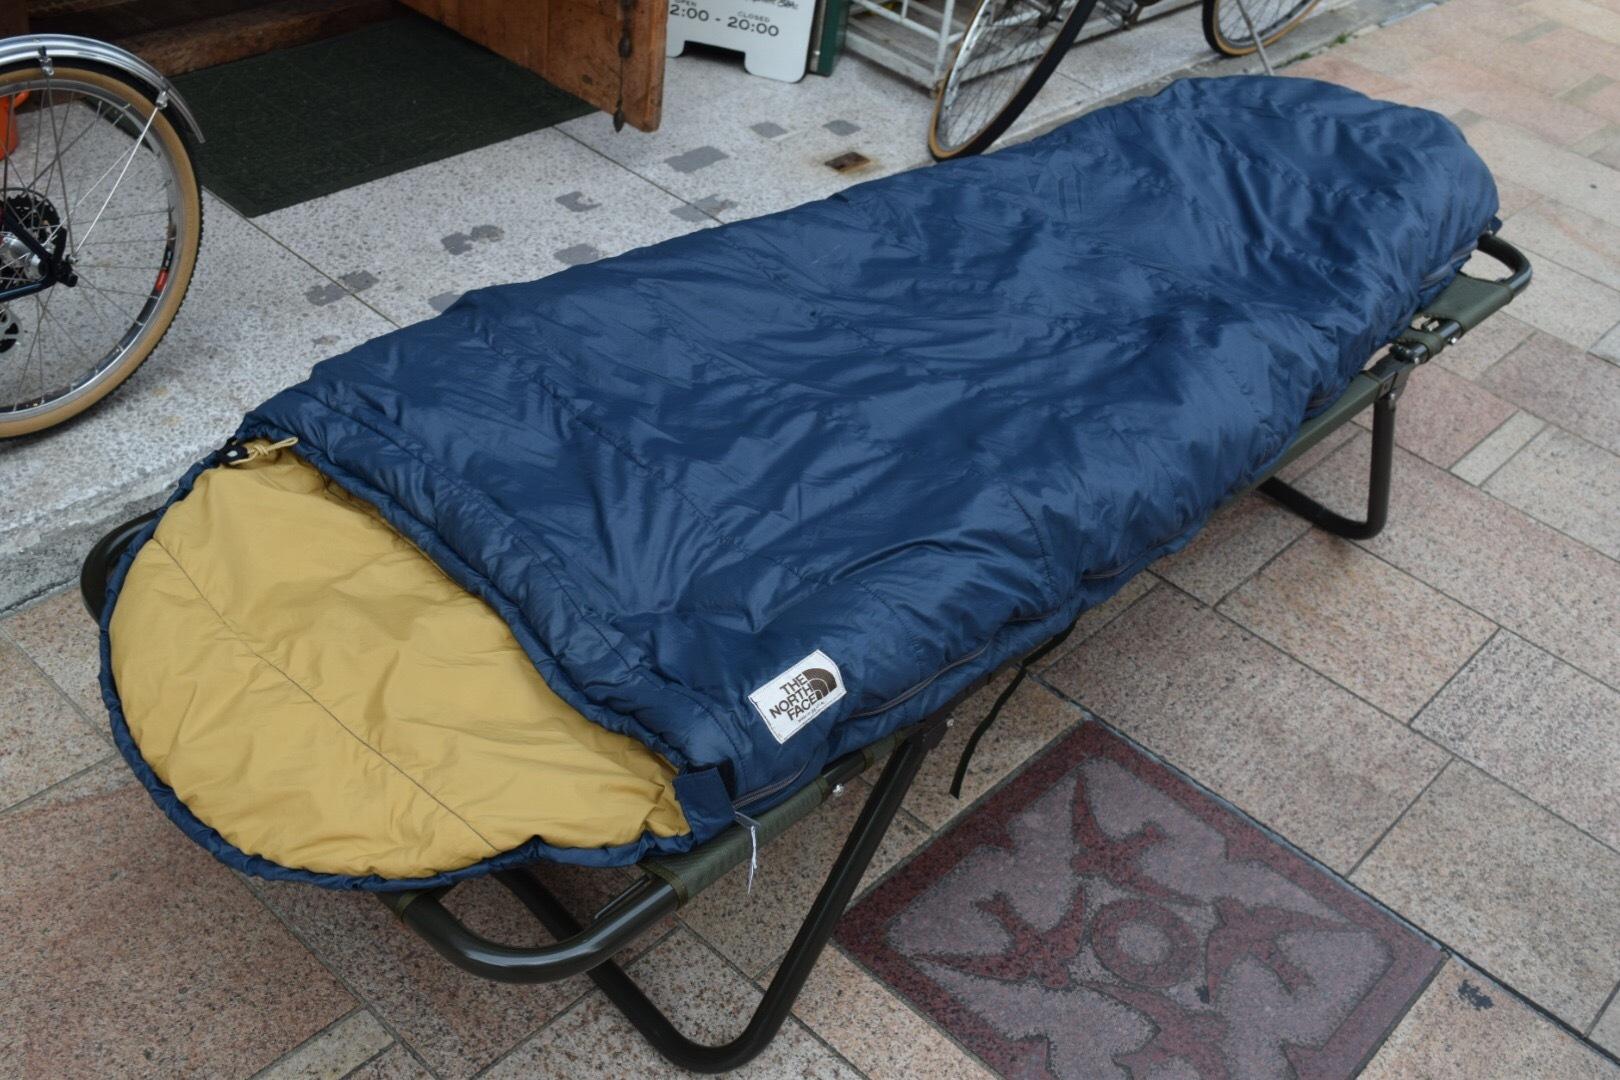 USED 美品 ザノースフェイス  ビンテージシュラフ 大人用 寝袋 スリーピングバッグ 80s マミー型 クリーニング済